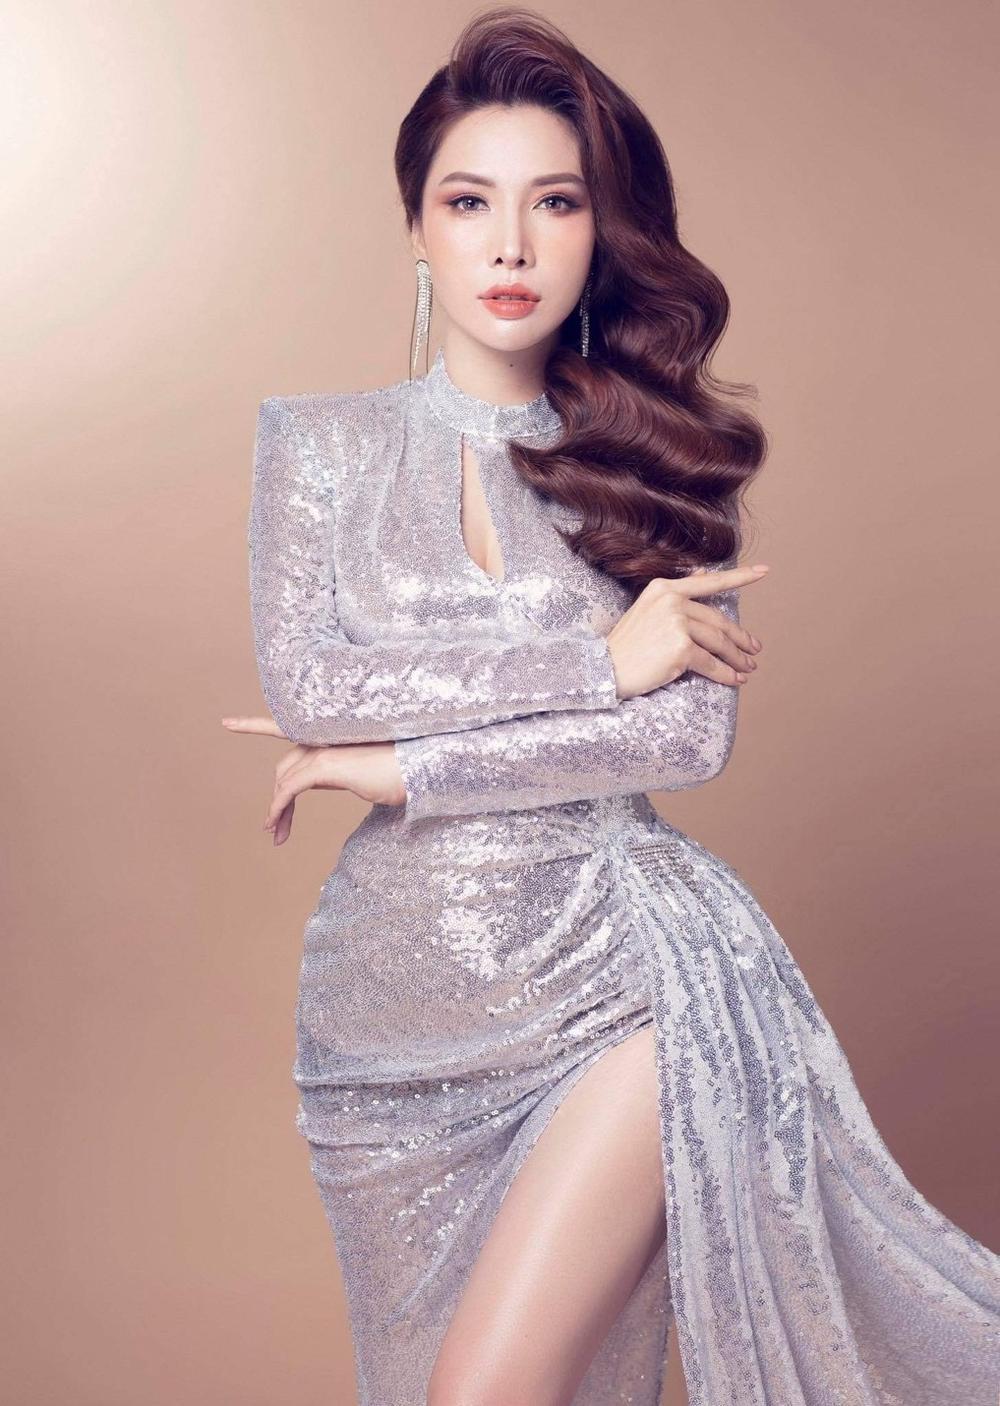 Nguyễn Linh Liên - Nữ doanh nhân sở hữu tư duy đầy cảm hứng Ảnh 3